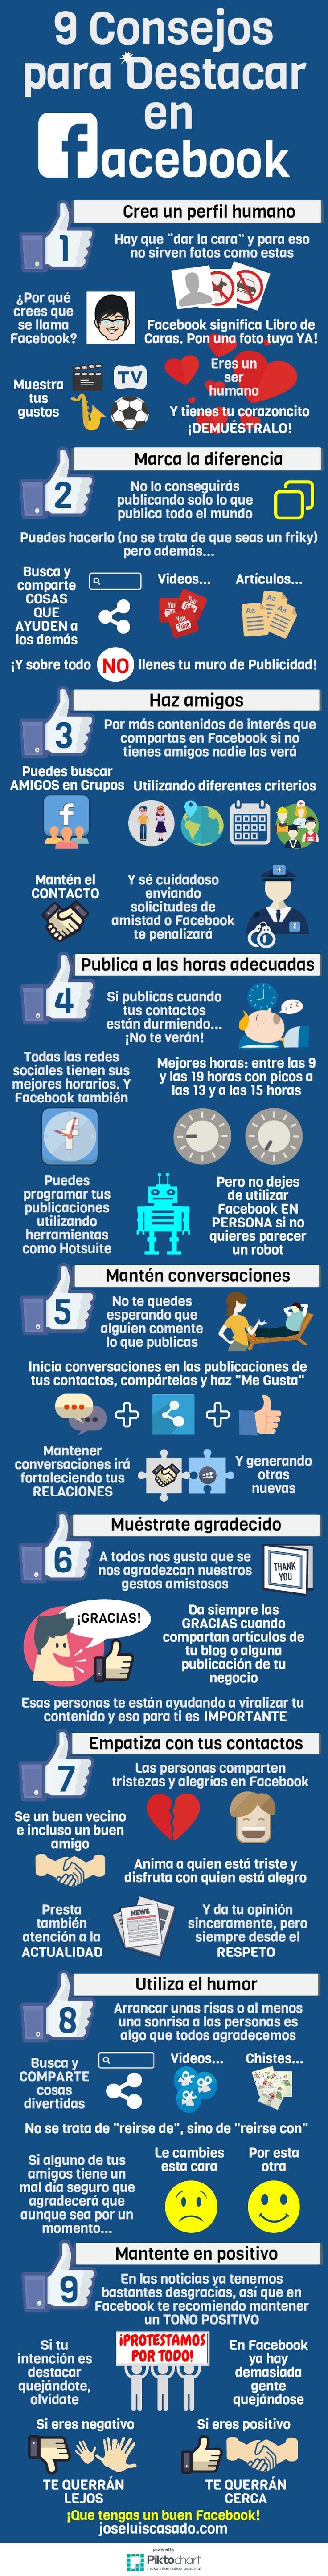 9 consejos para destacar en FaceBook #infografia